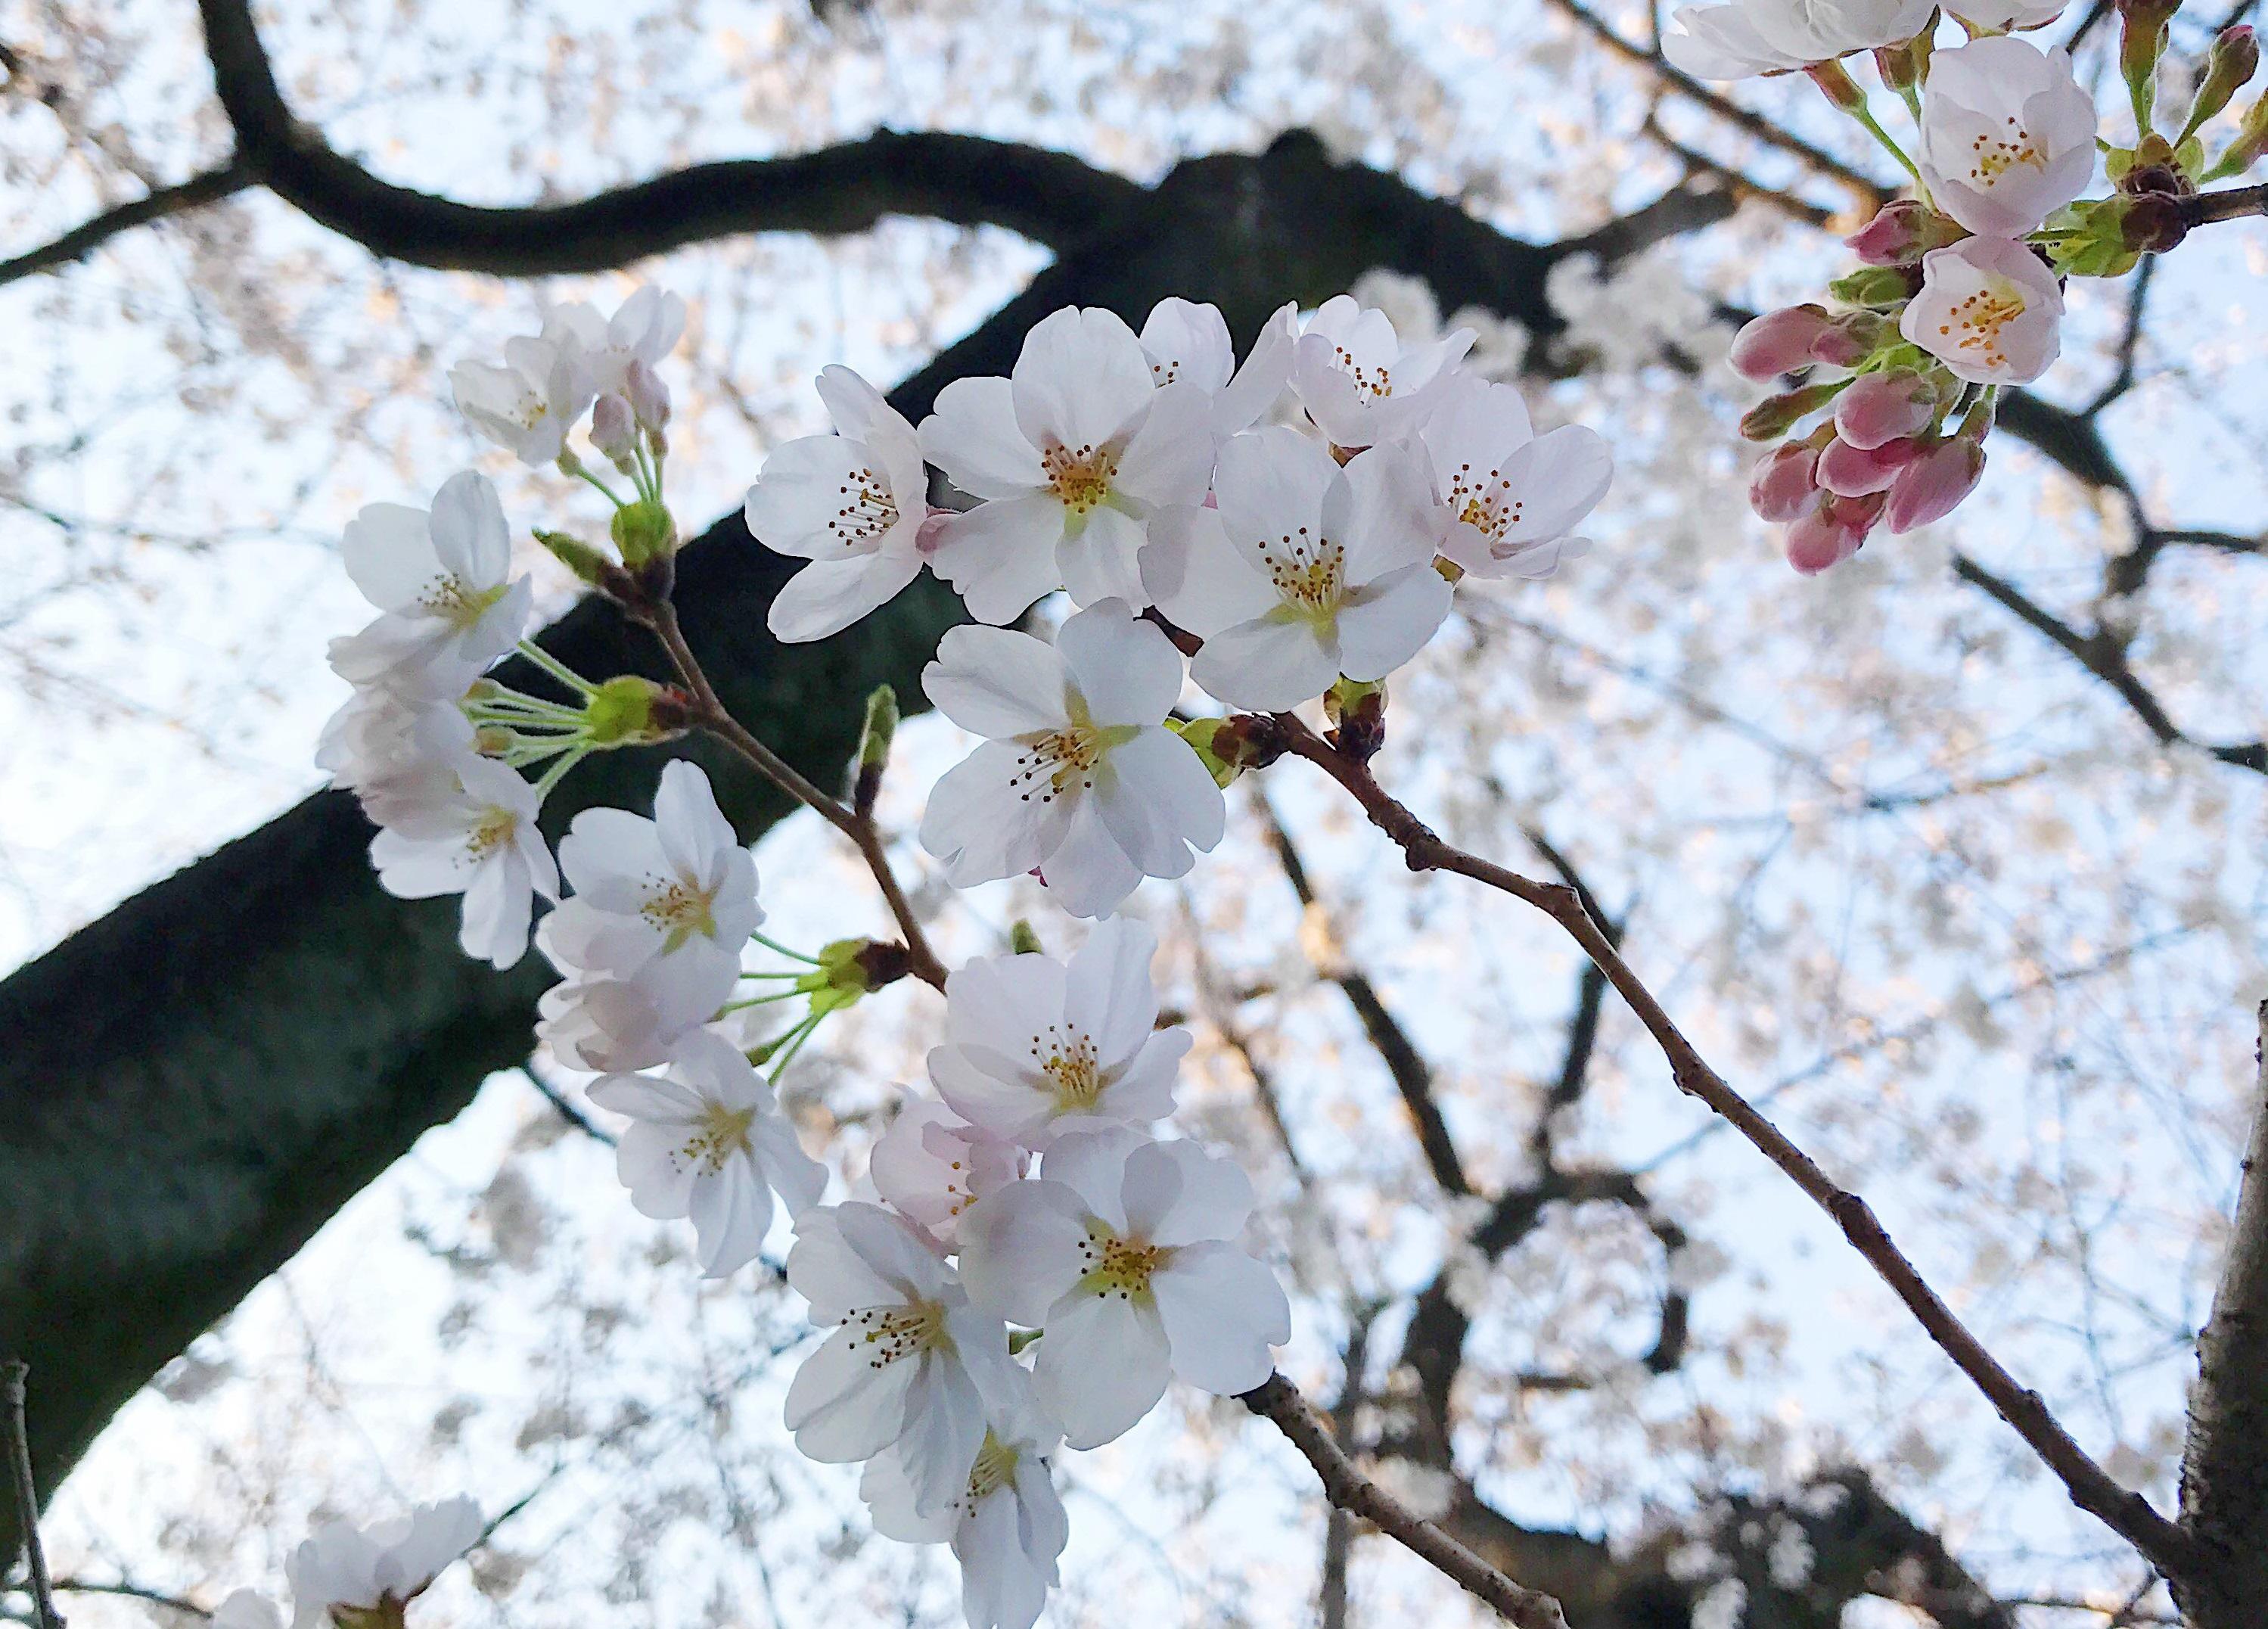 きれいに咲き誇る桜を愛でるお花見は、日本の風物詩とも言える伝統的な行事です。気に入った場所を見つけたら、お花見を楽しみながら、お酒を飲み、周囲の人たちと交流するという文化。本来は心癒されるイベントであるはず...。